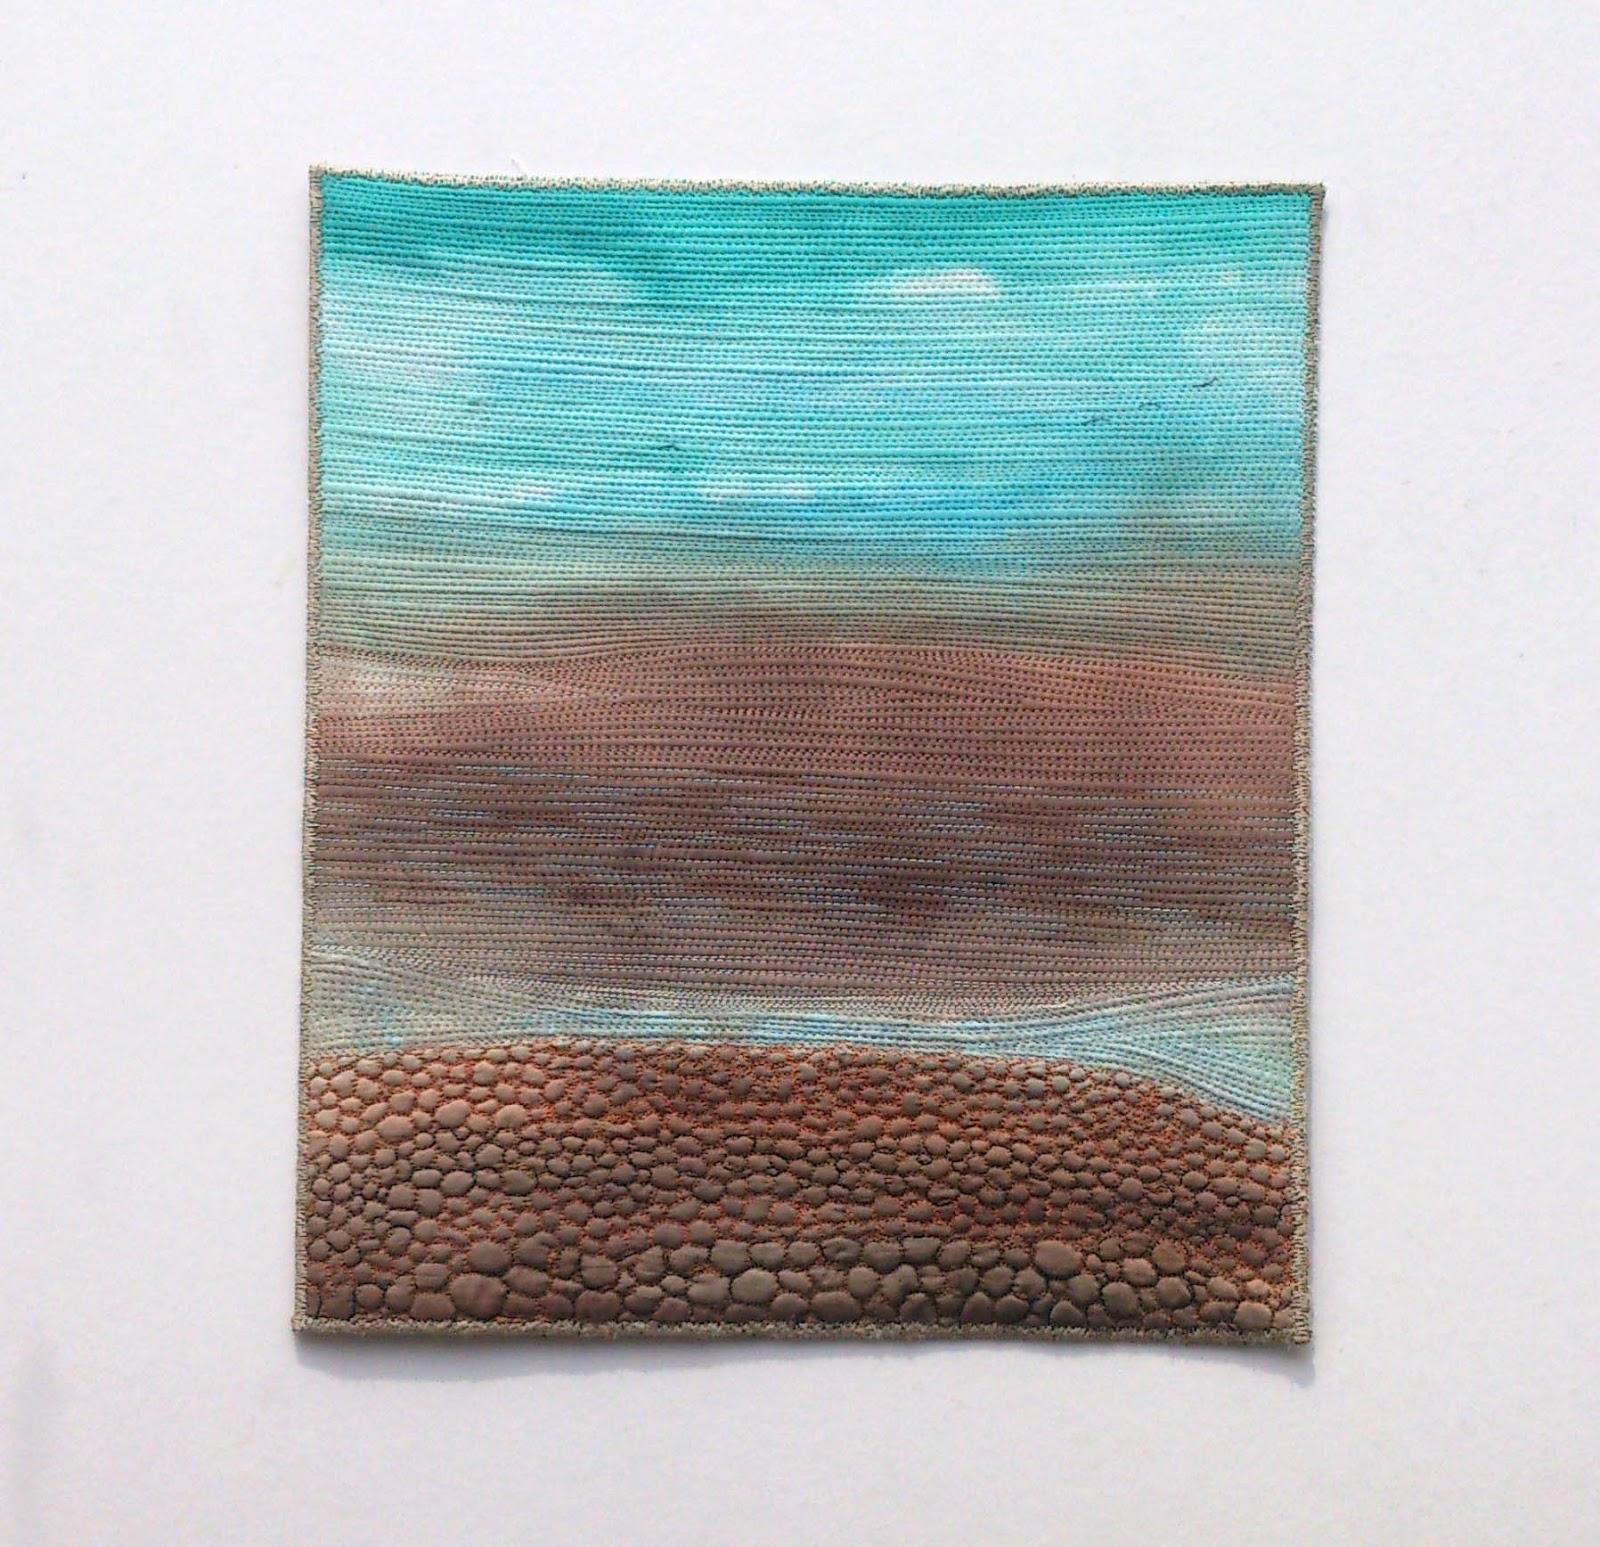 textile art Deborah O'Hare